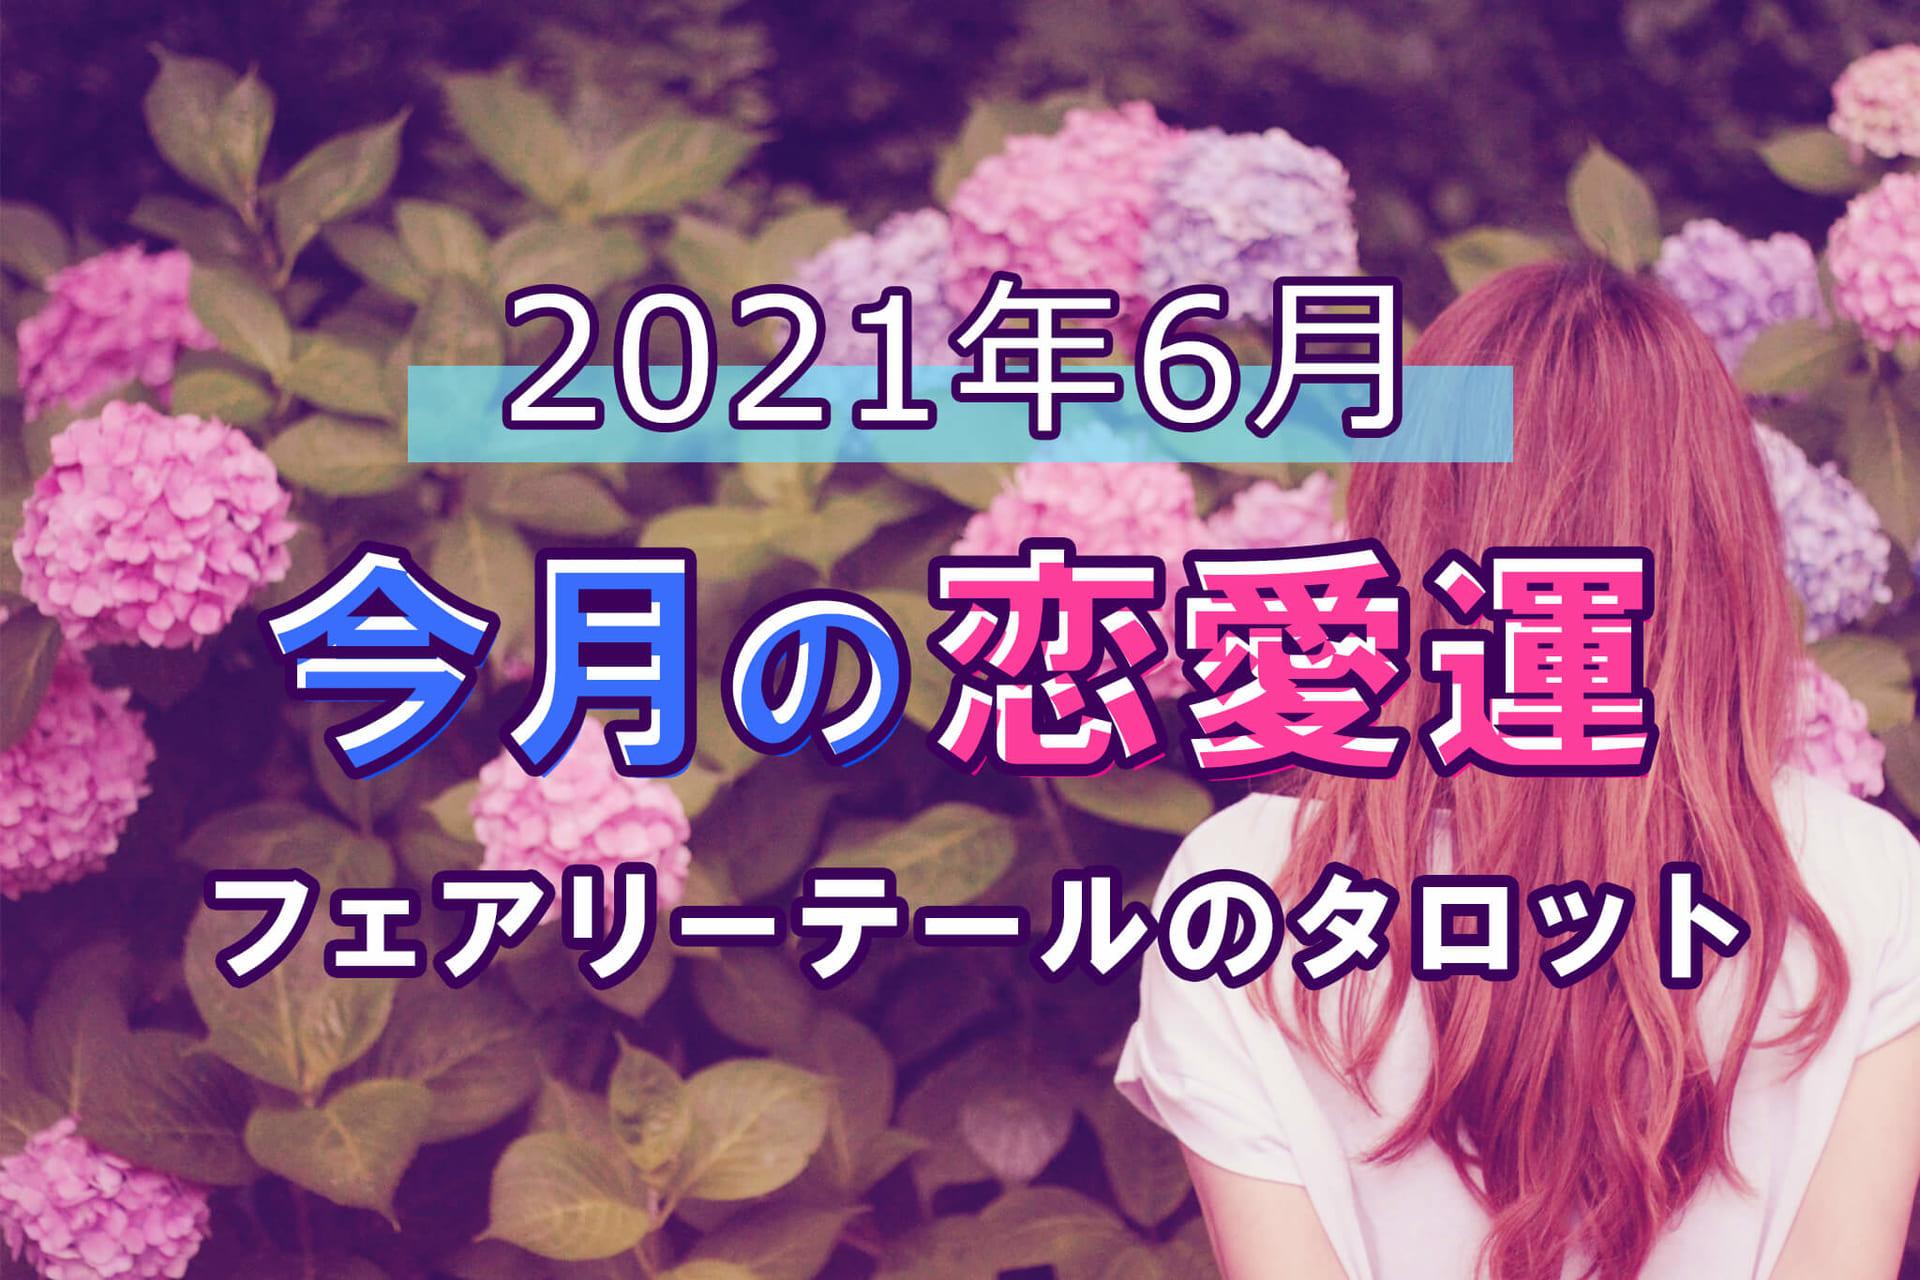 【今月の恋愛運】2021年6月*フェアリーテールのタロット占い